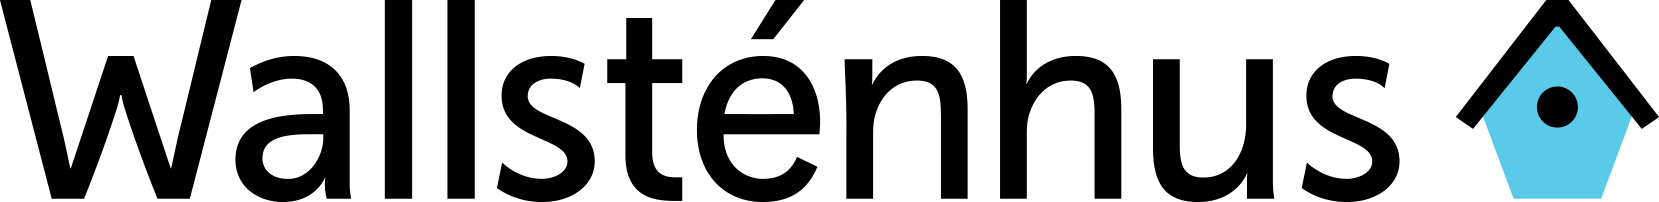 Wallsténhus